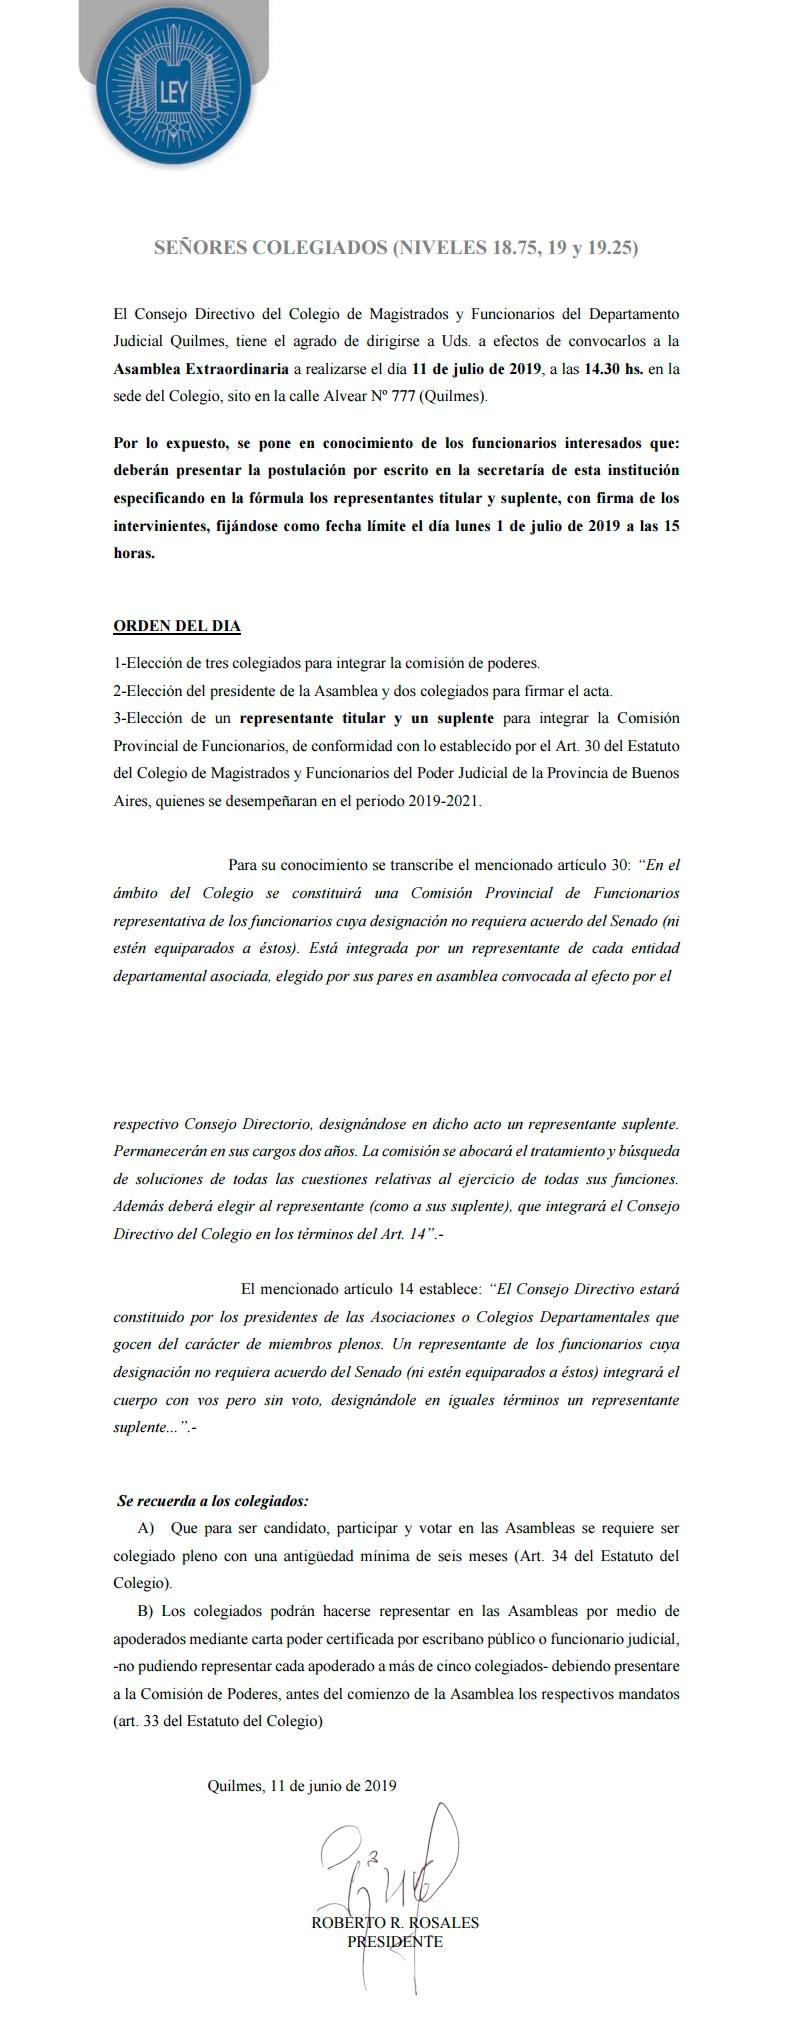 Convocatoria//Asamblea Extraordinaria